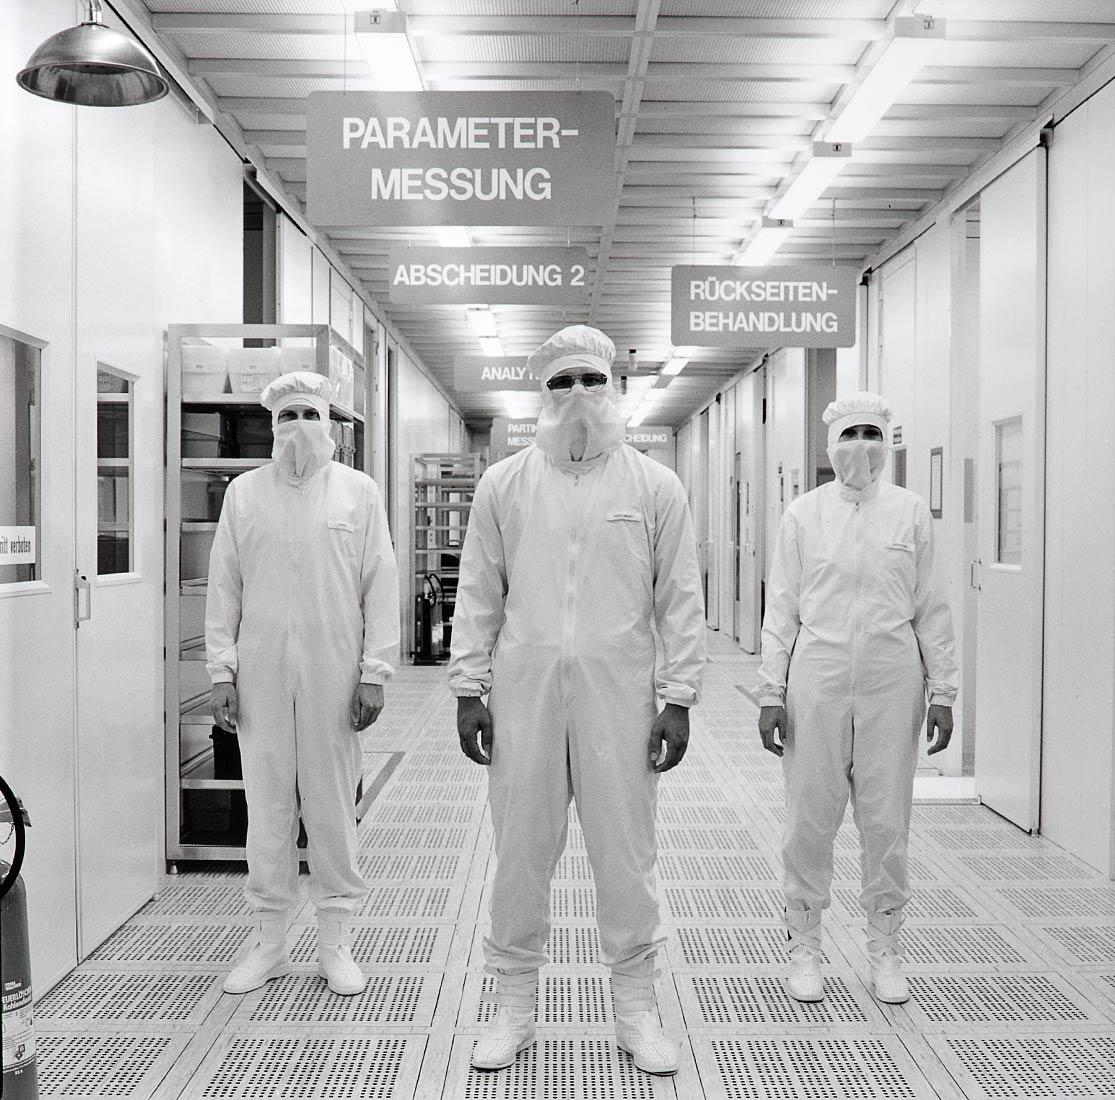 Operators im Reinstraum des Mega-Werkes der Siemens AG - Regensburg 1988